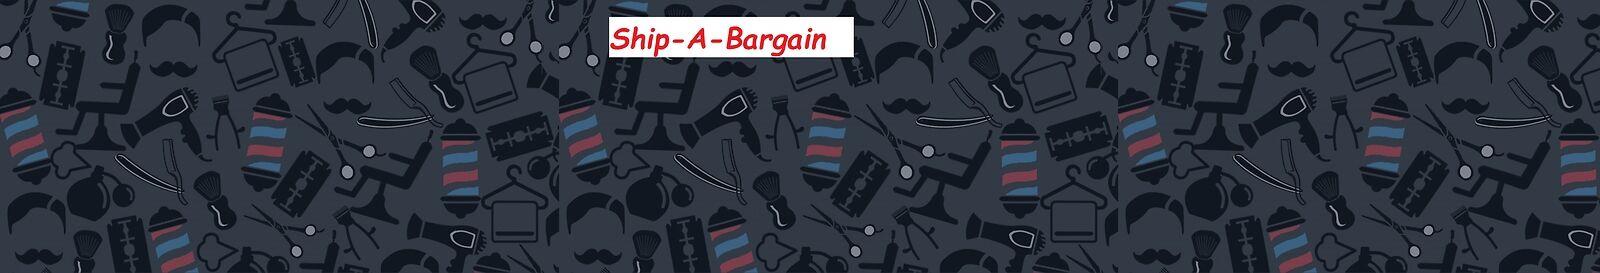 ship-a-bargain